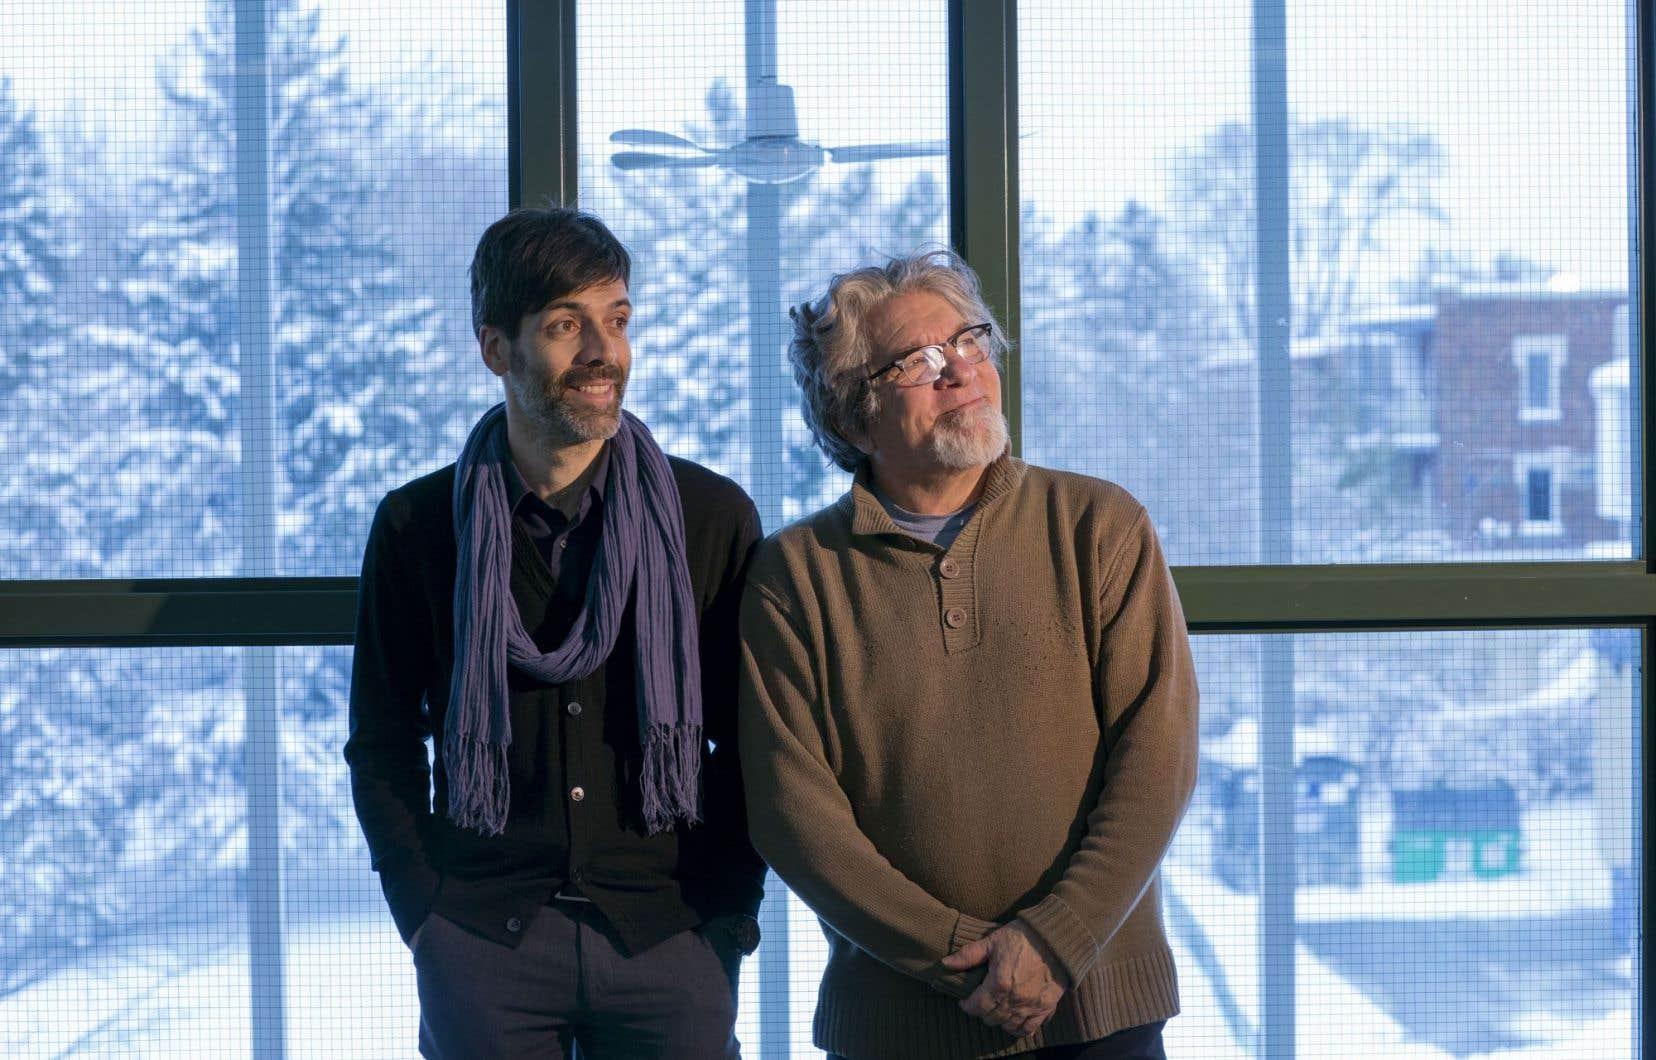 Sébastien Nasra, fondateur et producteur exécutif de Mundial Montréal, et Gilles Garand, président de la Grande Rencontre et de Folquébec